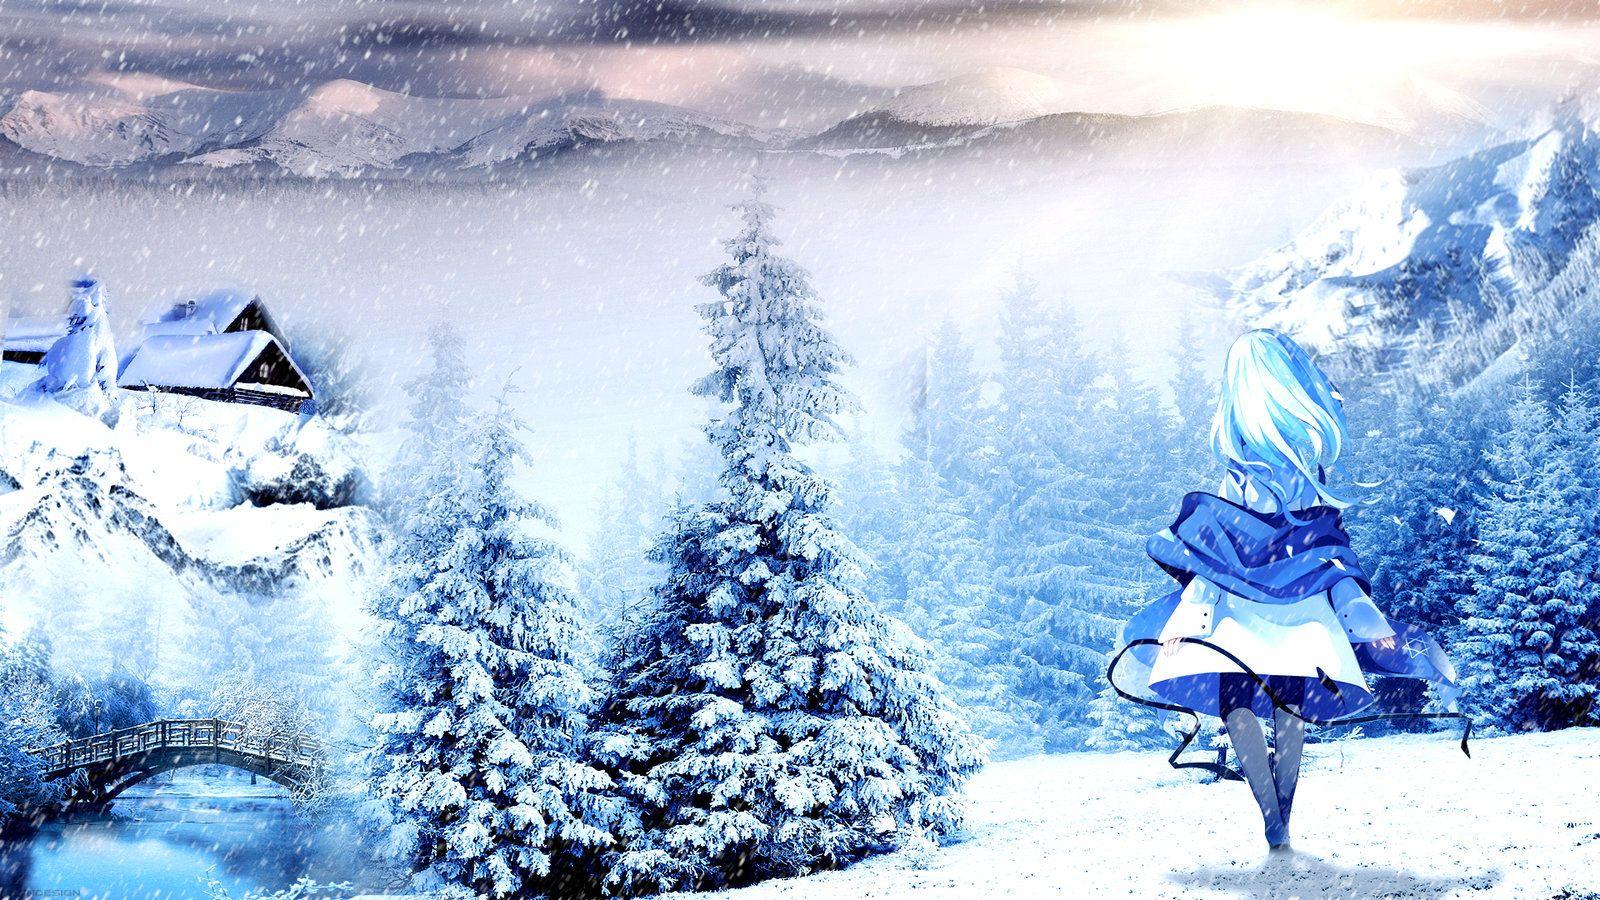 Winter Anime Girl Wallpaper: Anime Winter Scenery Wallpaper